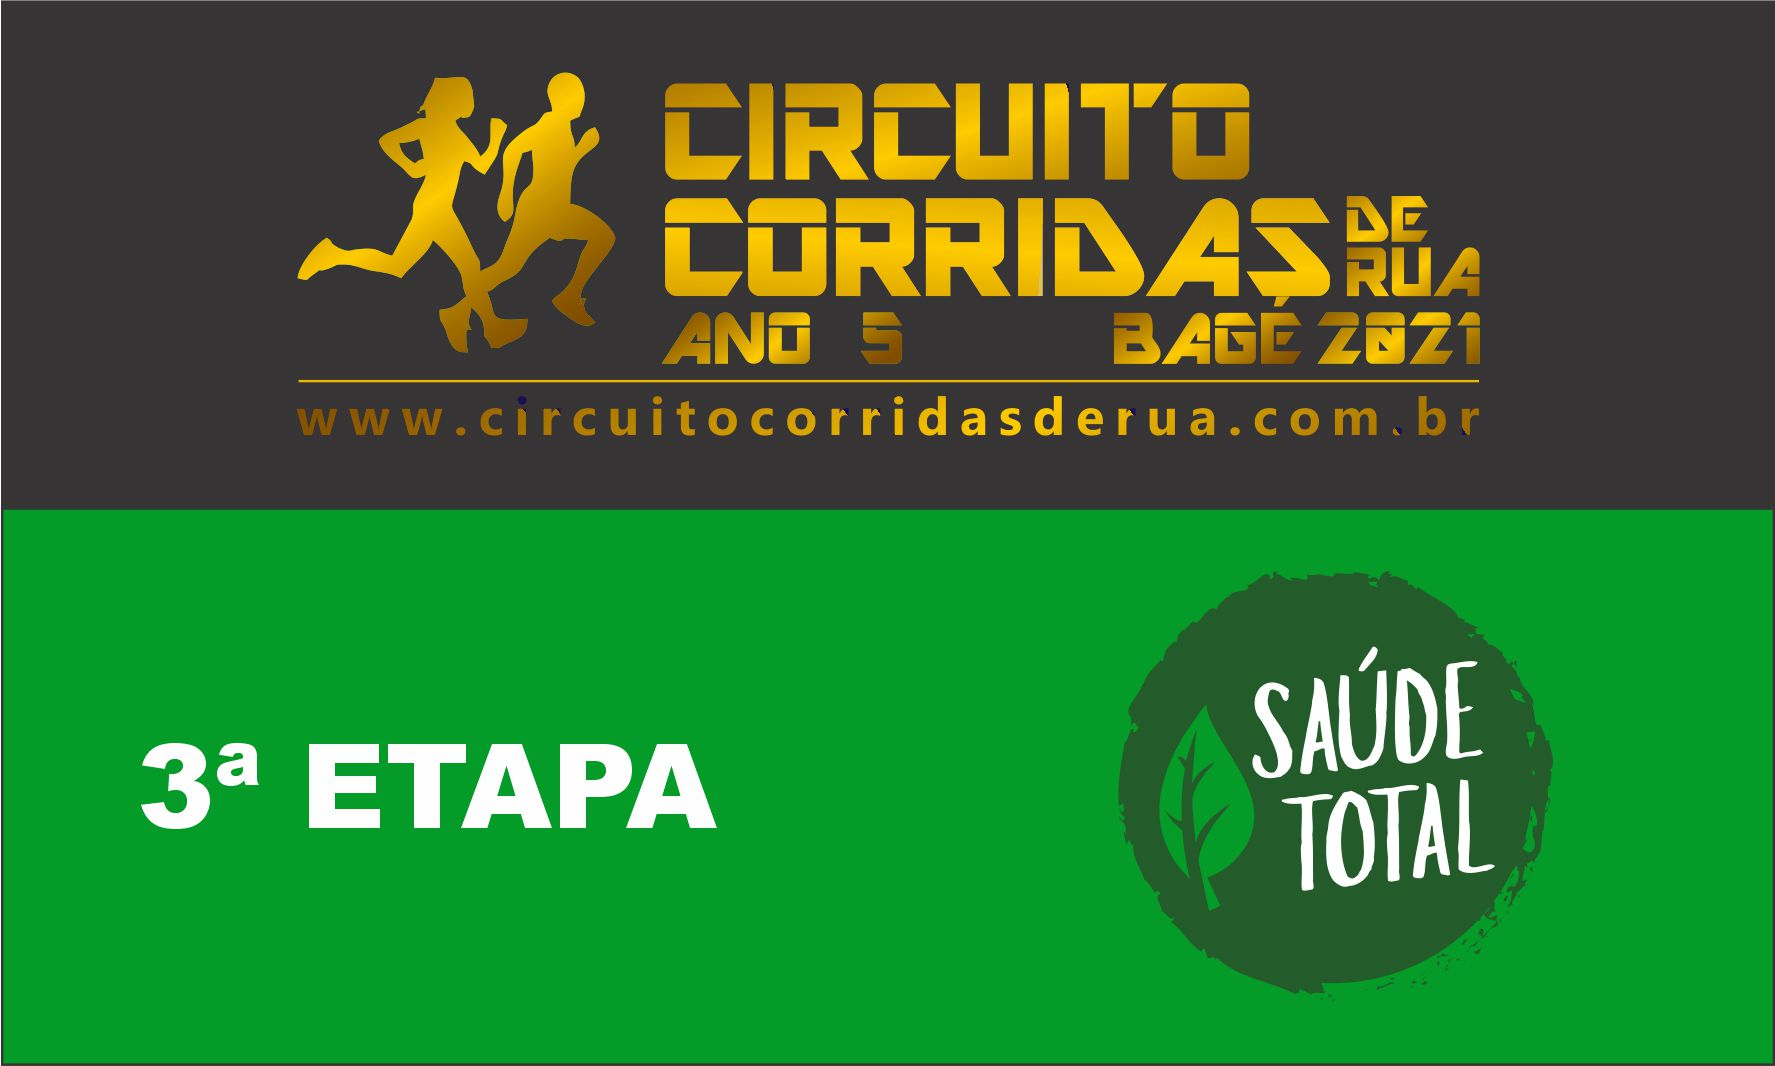 CIRCUITO CORRIDAS DE RUA DE BAGÉ ANO 5 - 3ª ETAPA - SAÚDE TOTAL